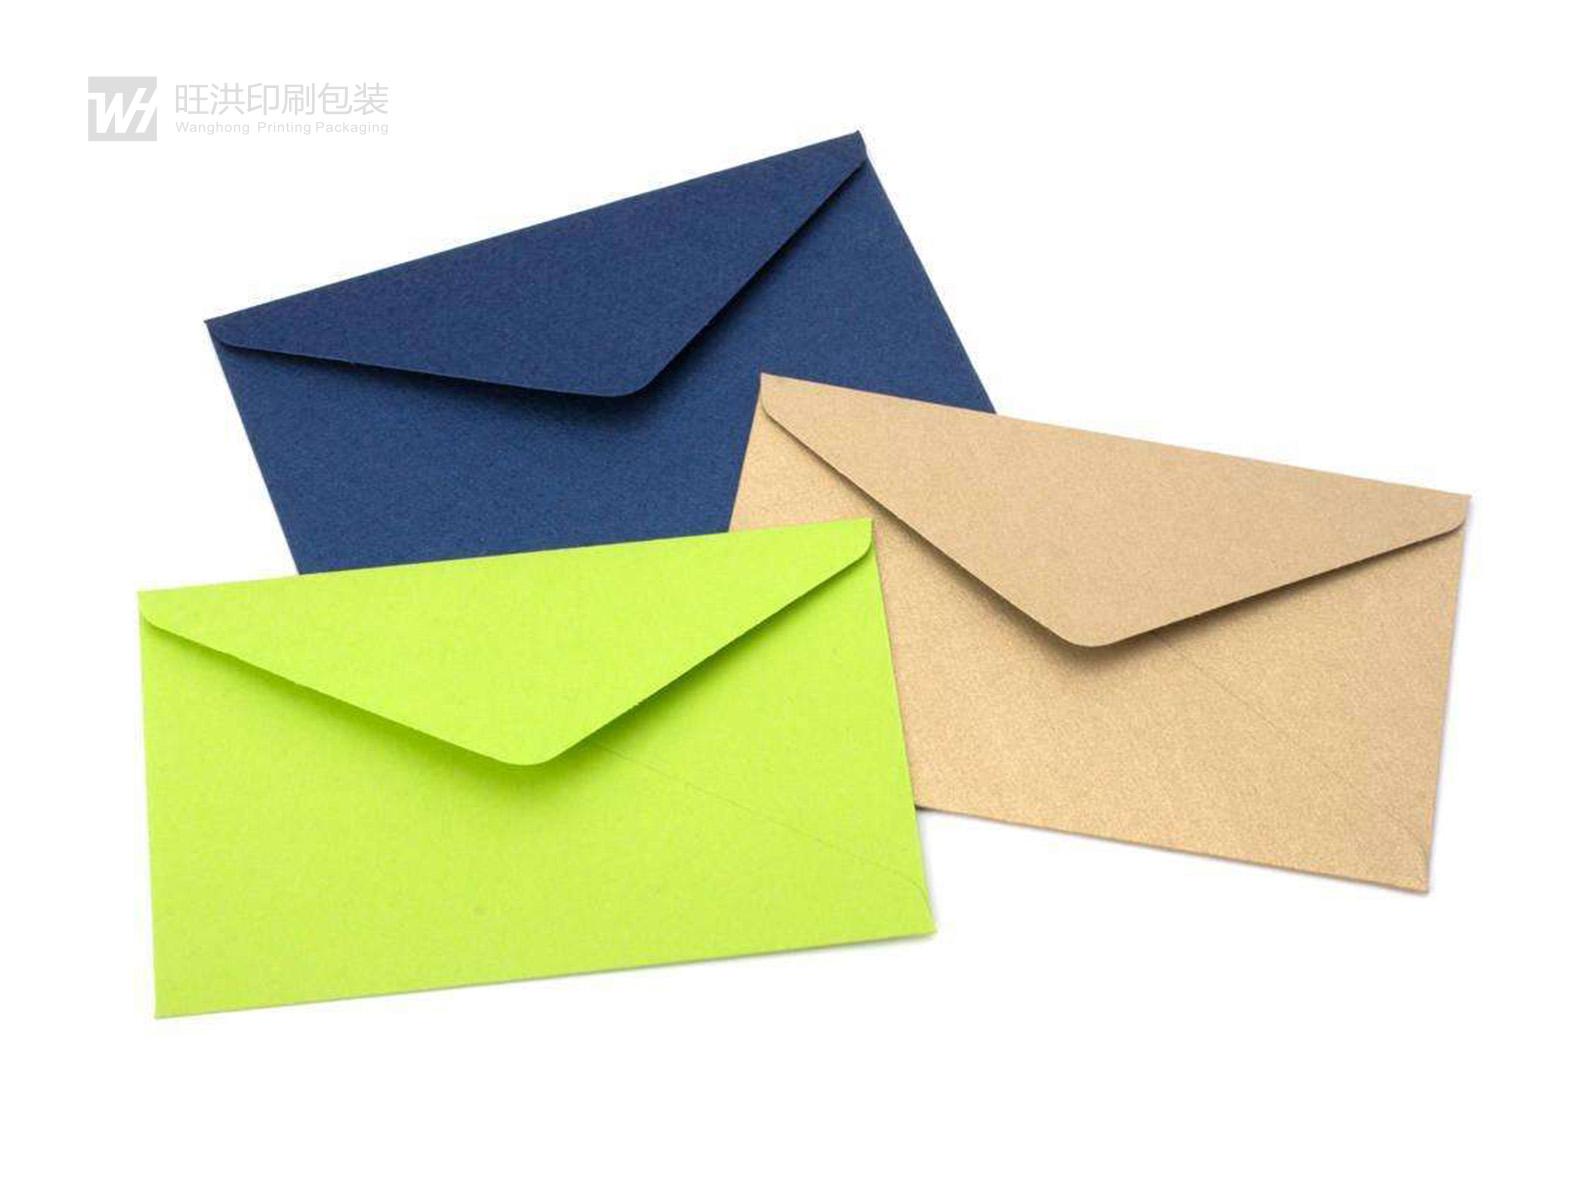 藝術紙燙金信封